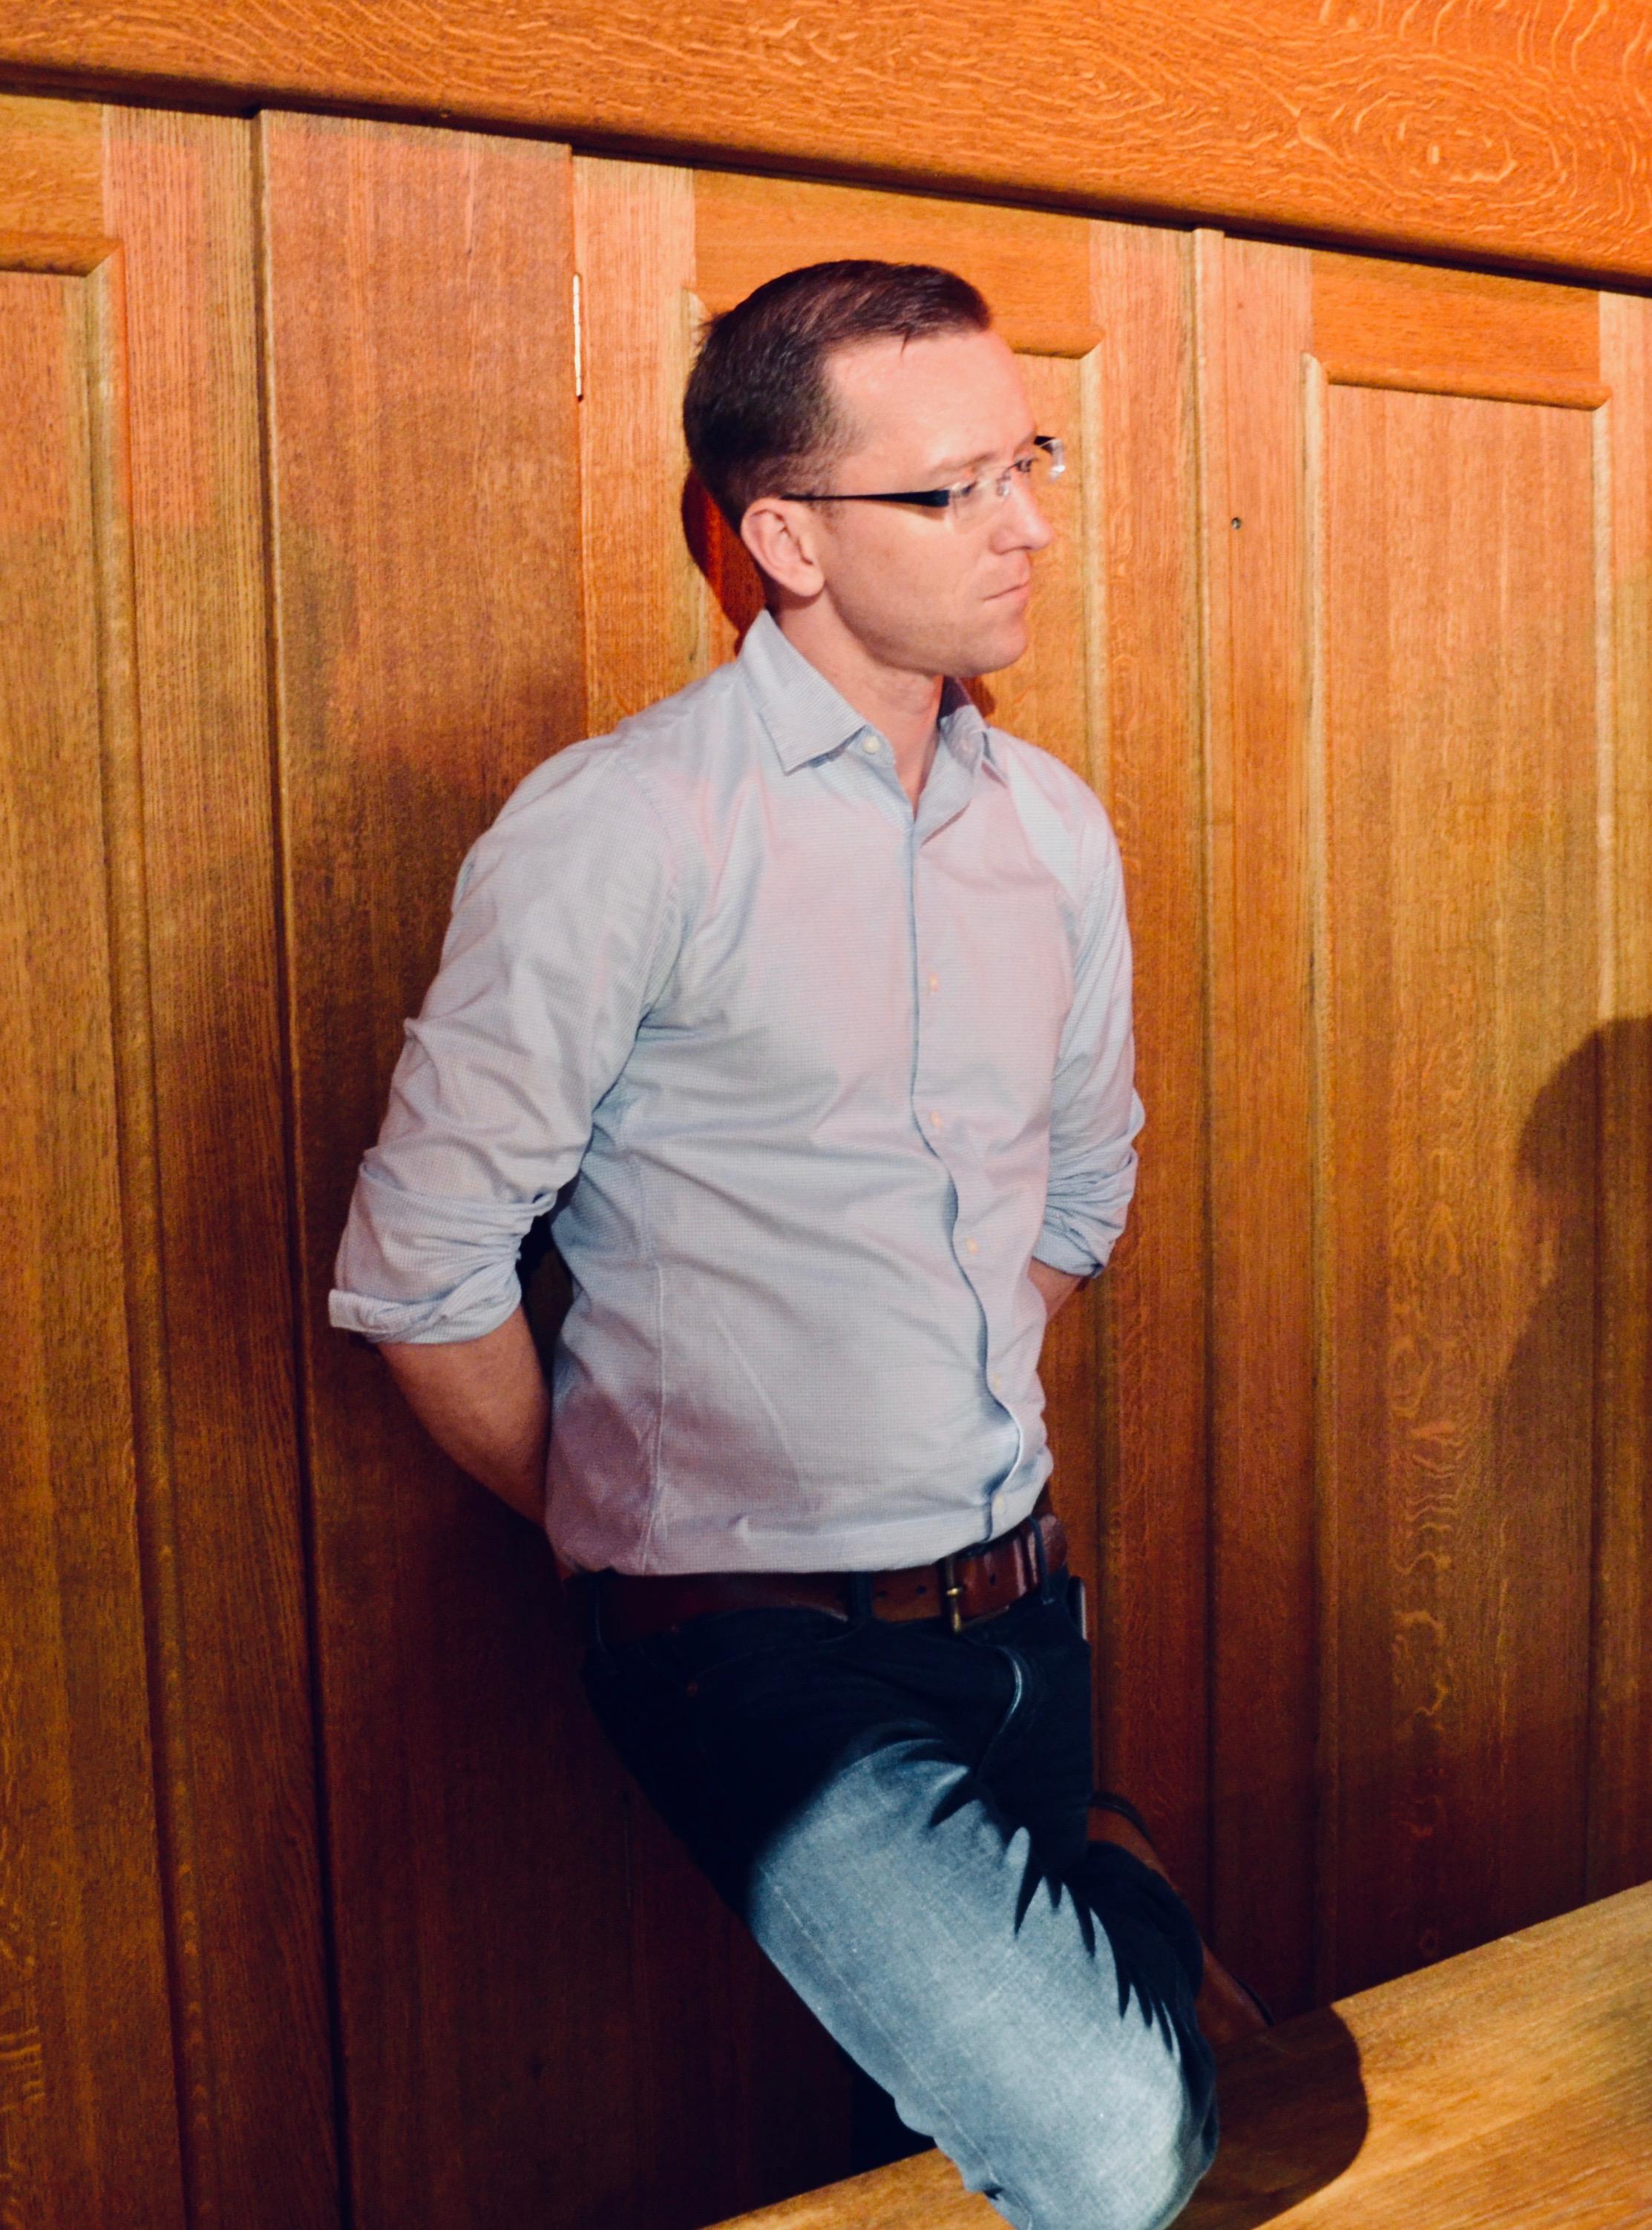 Christian Lane observes a performance in Artisten, Göteborg University.